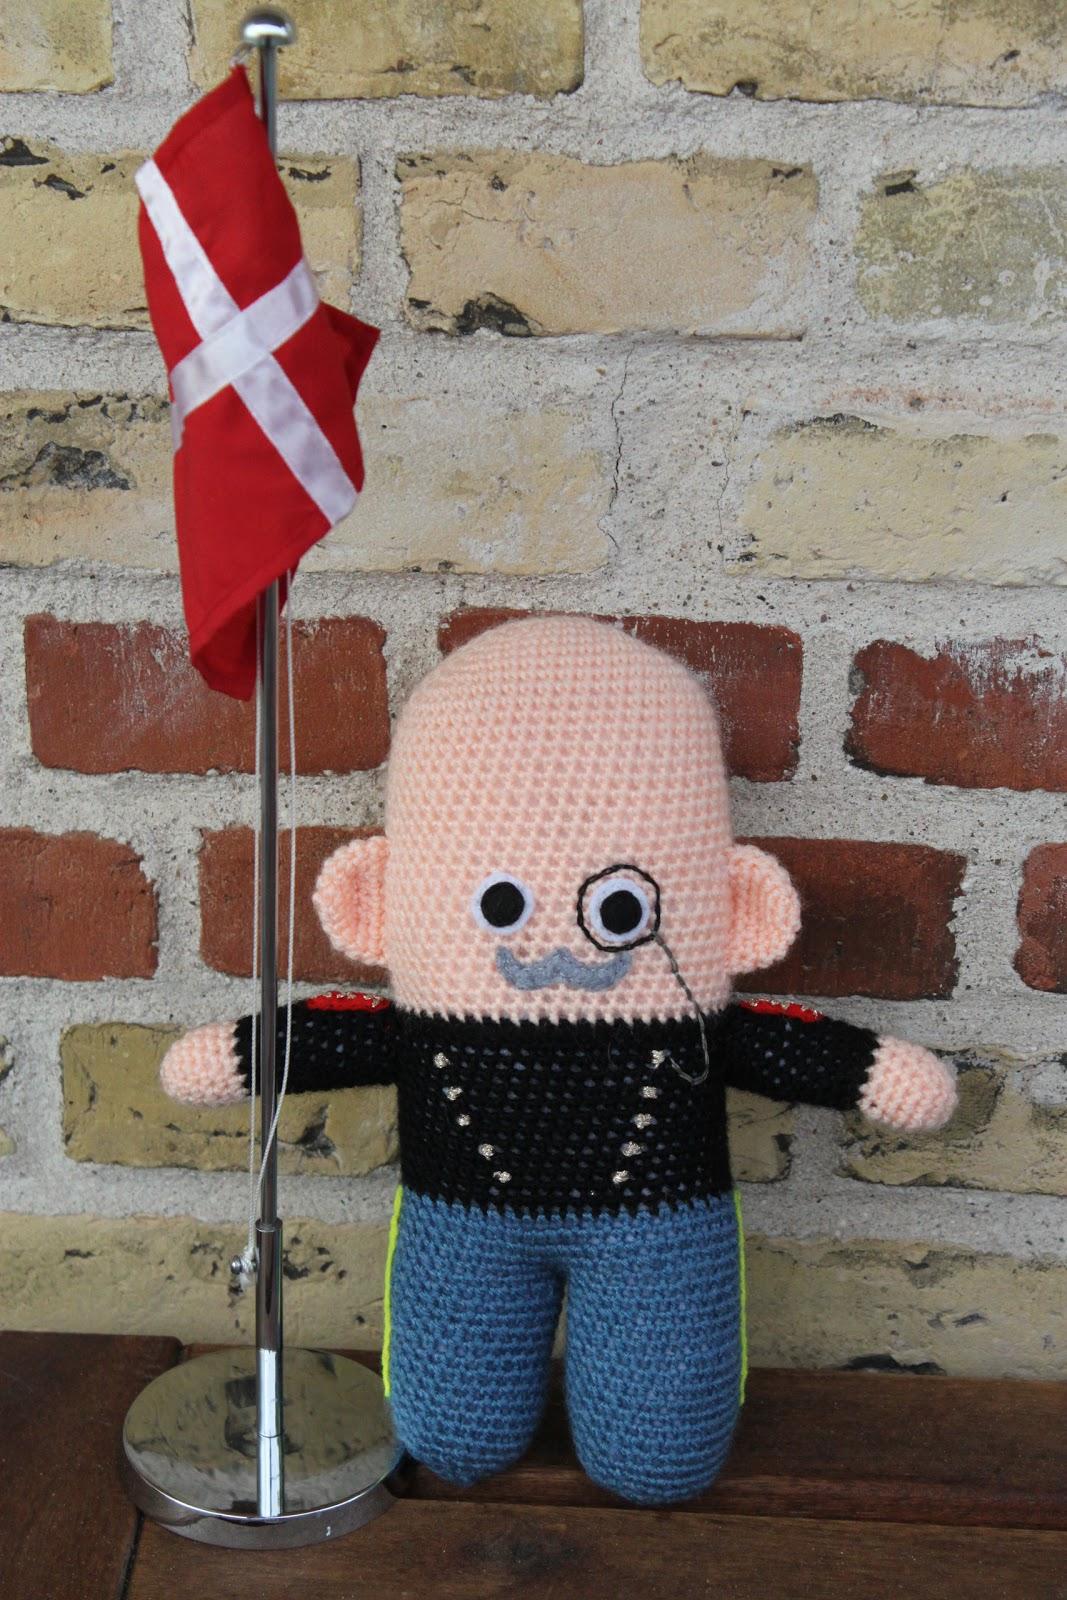 frøkenen & baronen: Honnør for flaget